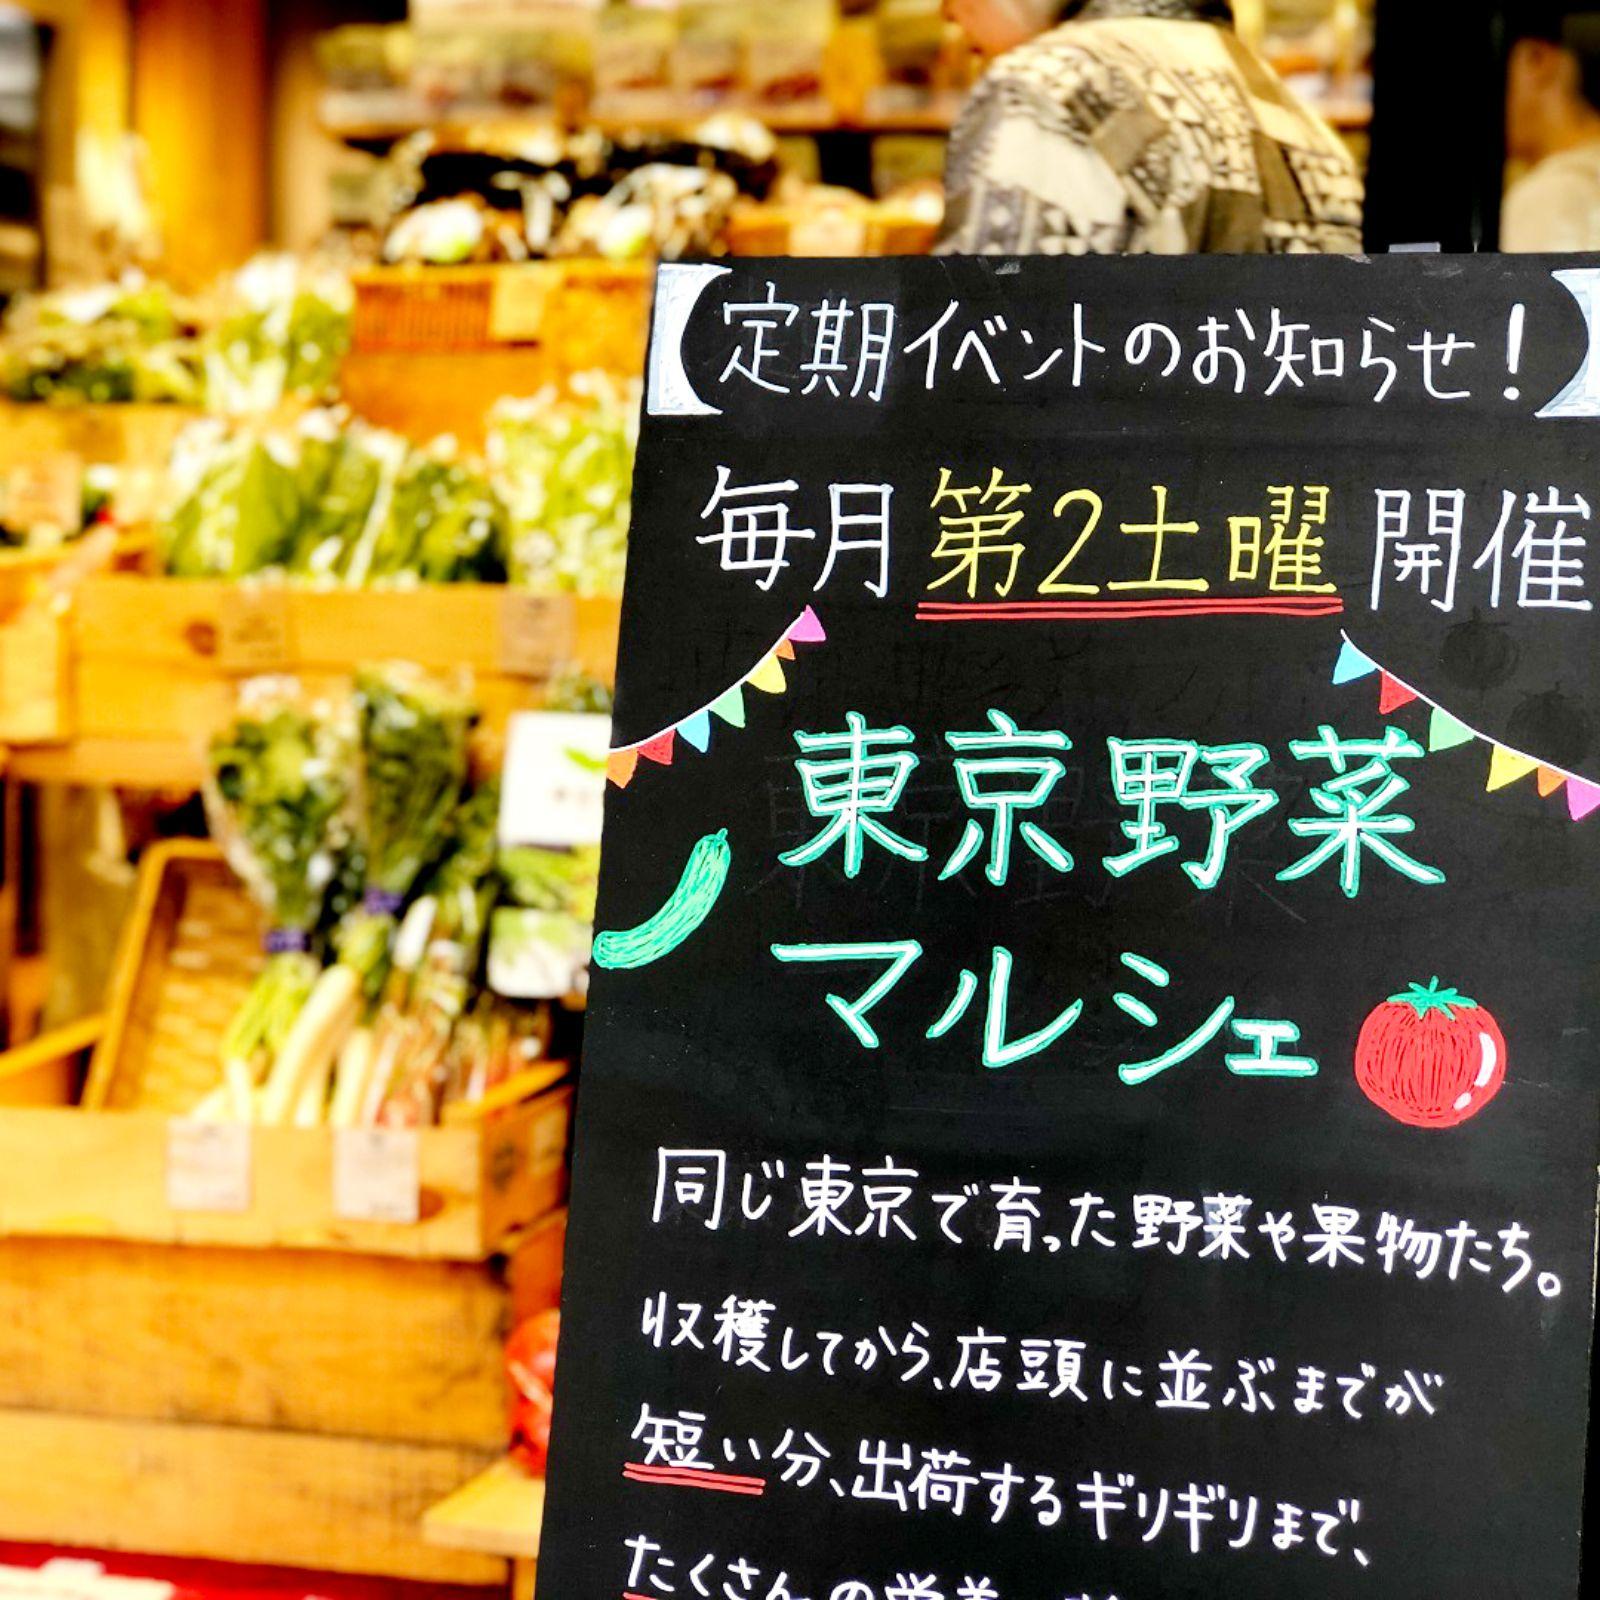 店舗では、定期的に新鮮野菜が並ぶマルシェも開催している